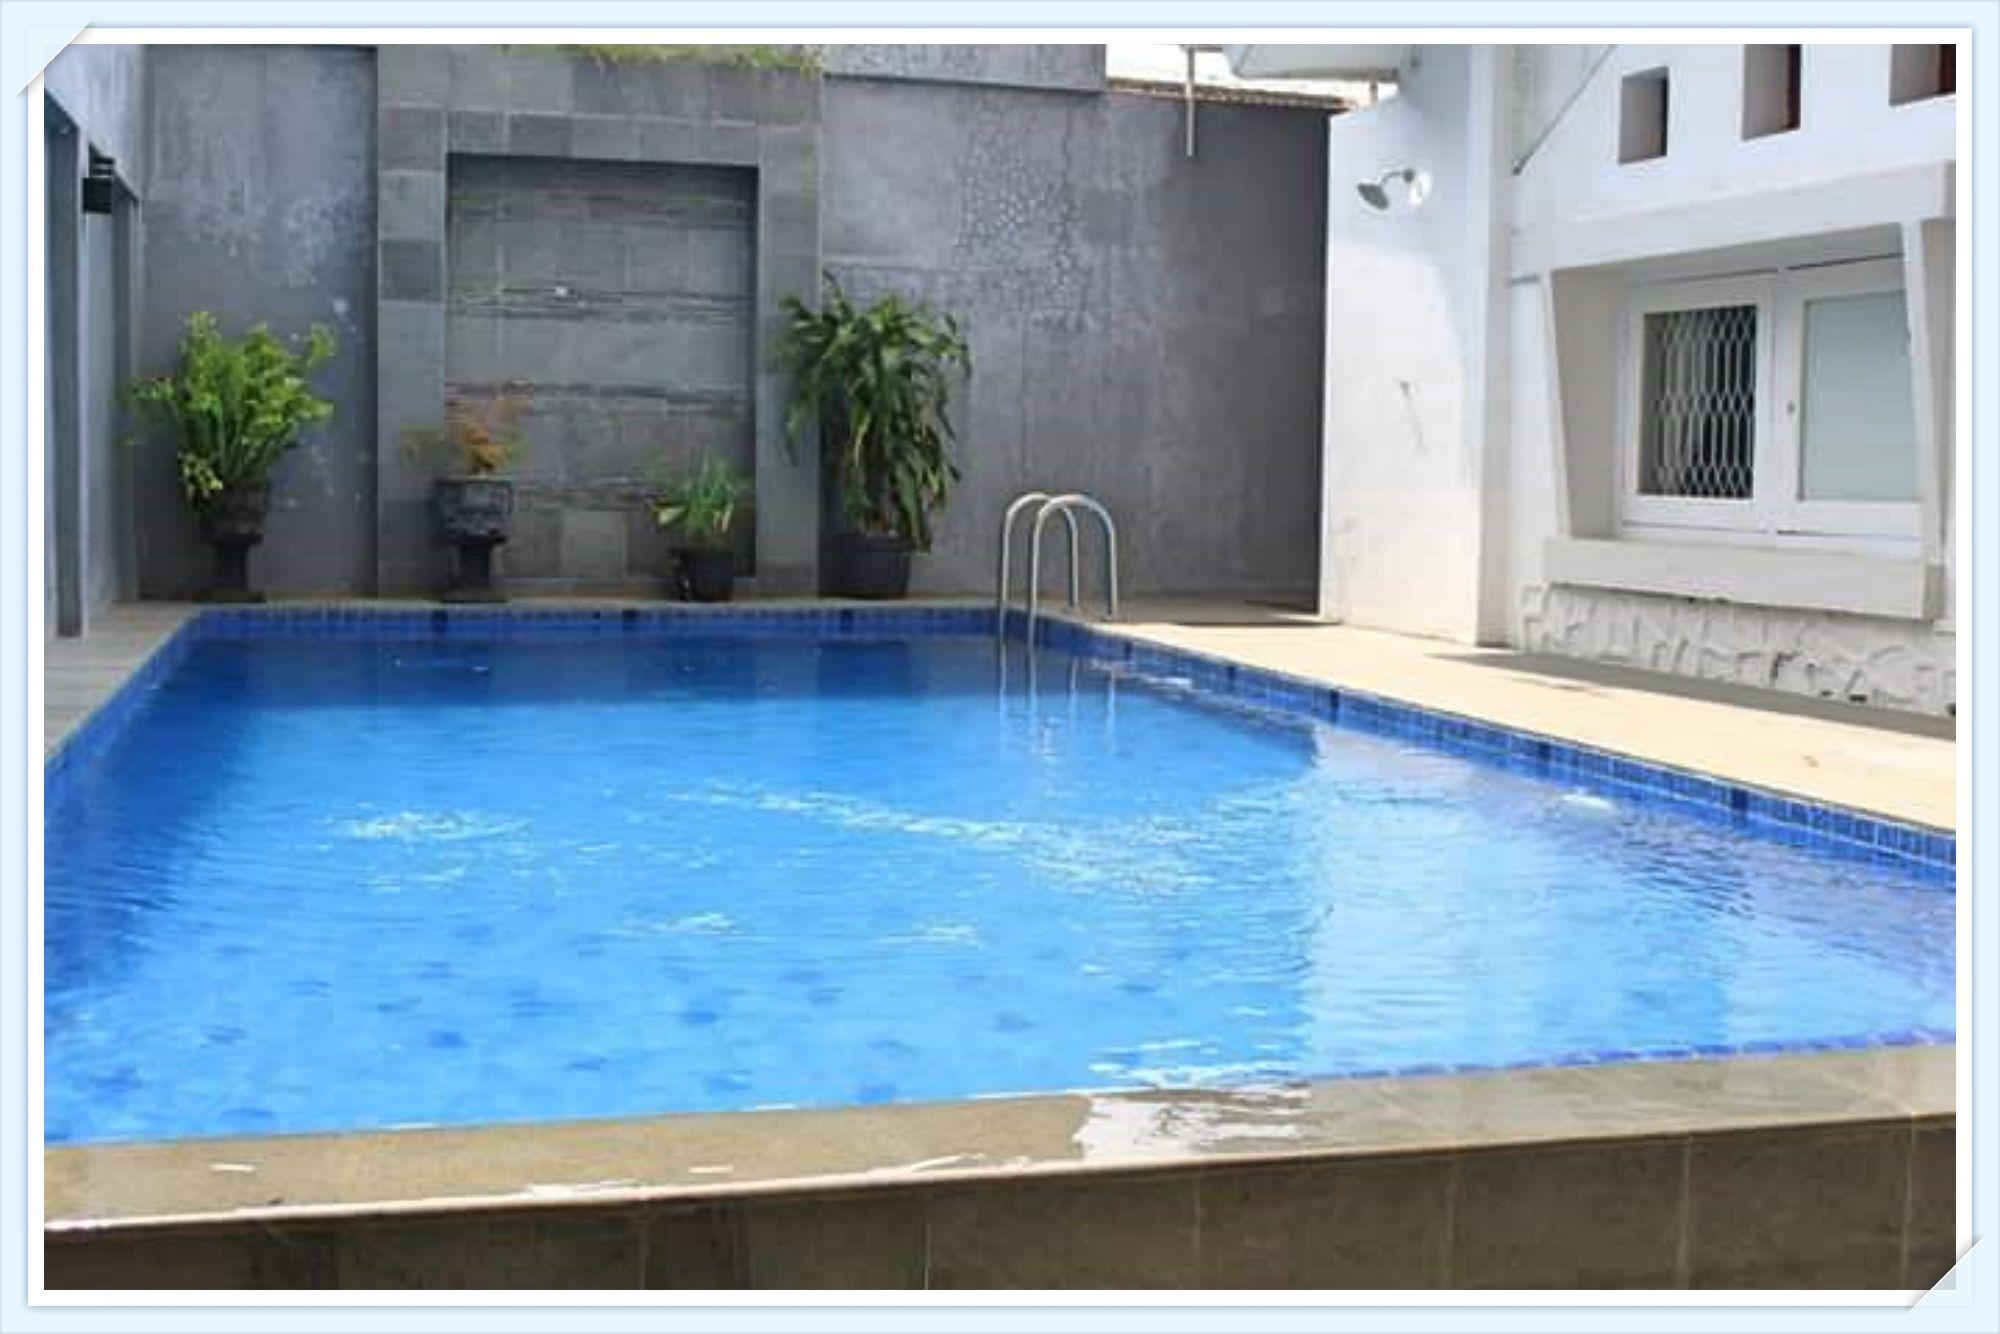 villa lahor batu kolam renang pribadi akomodasi penginapan menarik